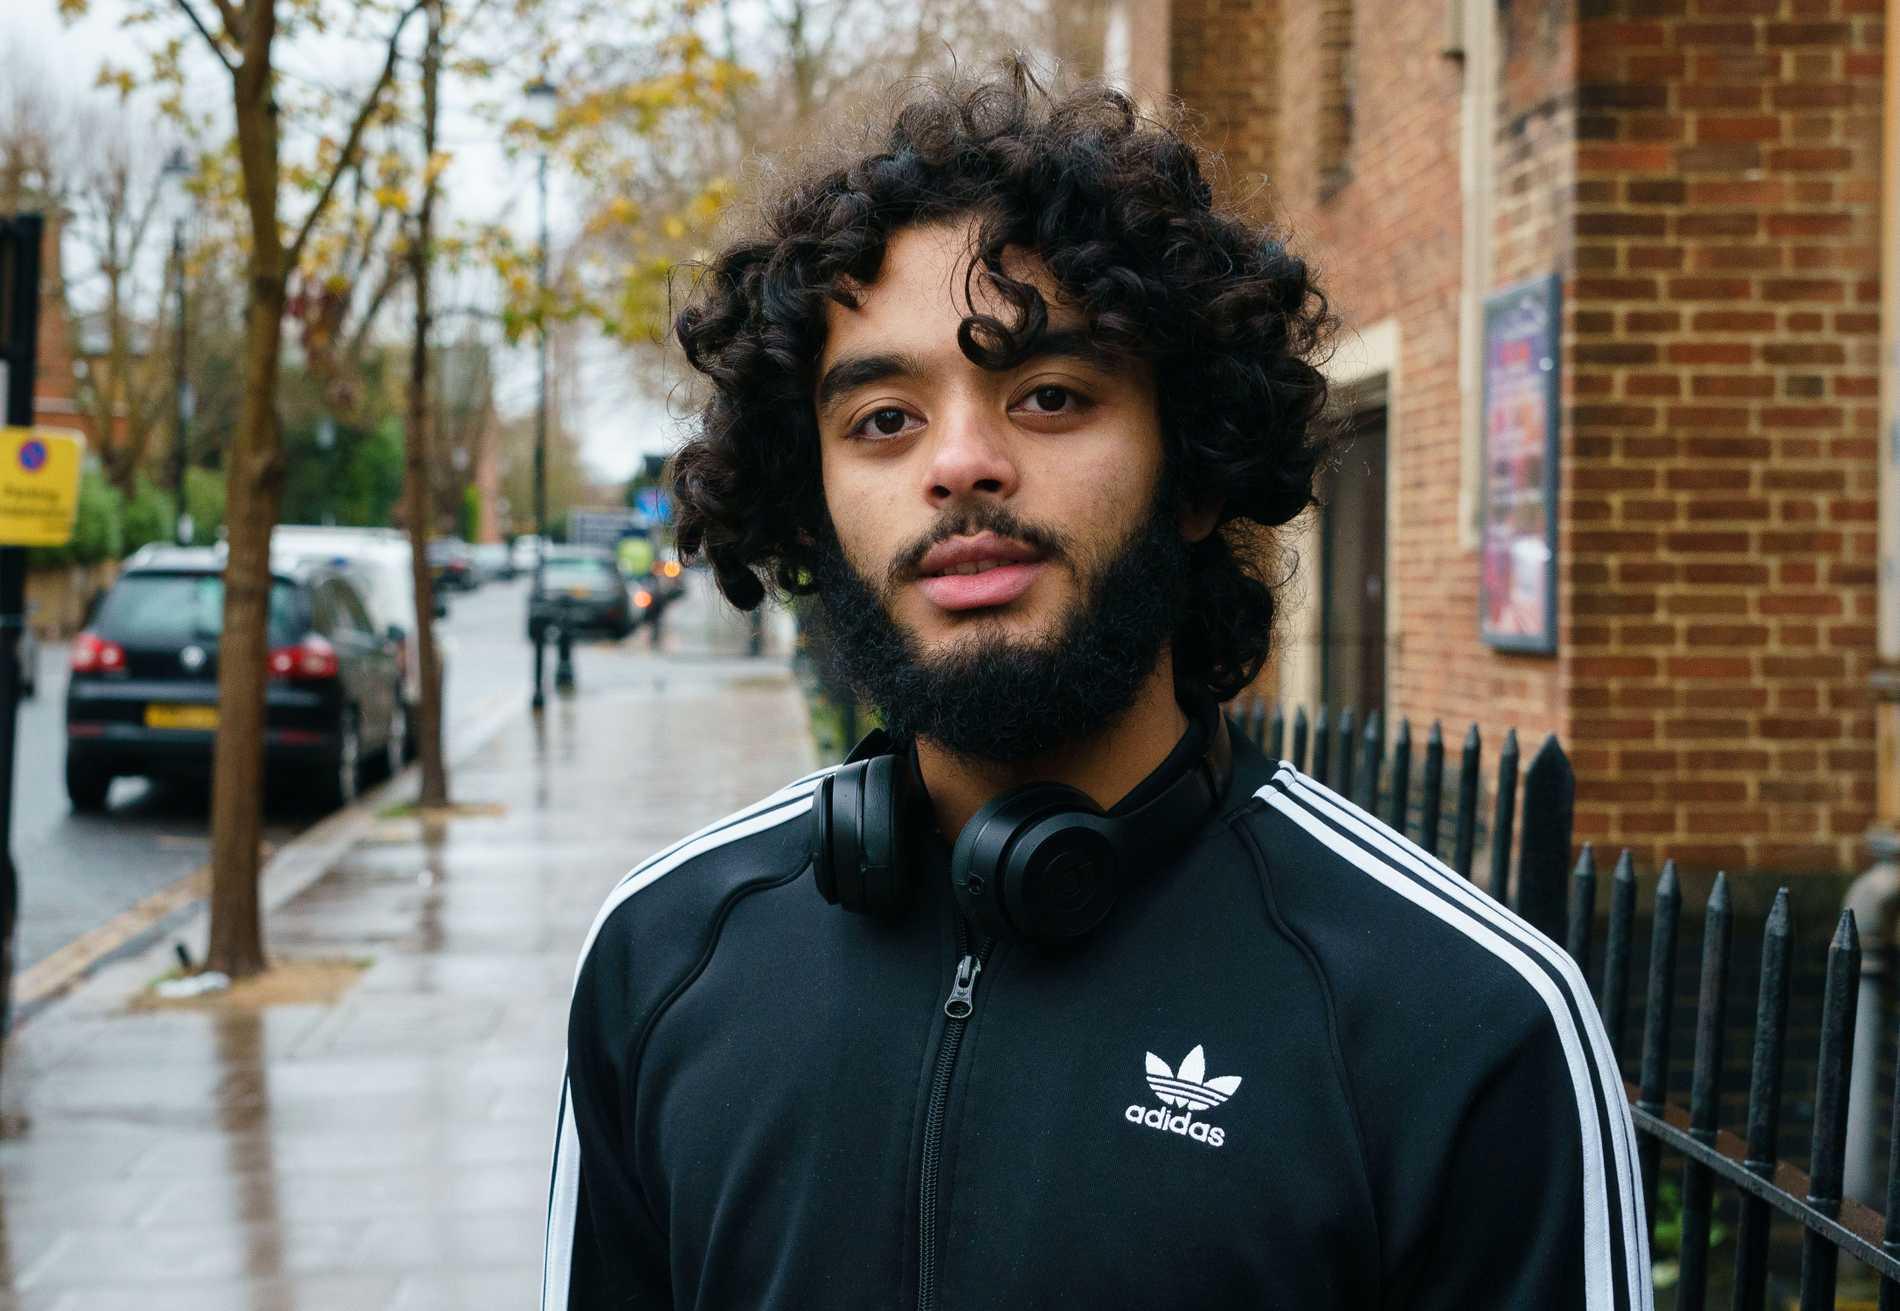 19-årige Bilal förlorade flera vänner i branden i Grenfell Tower vilket påverkar hur han röstar.